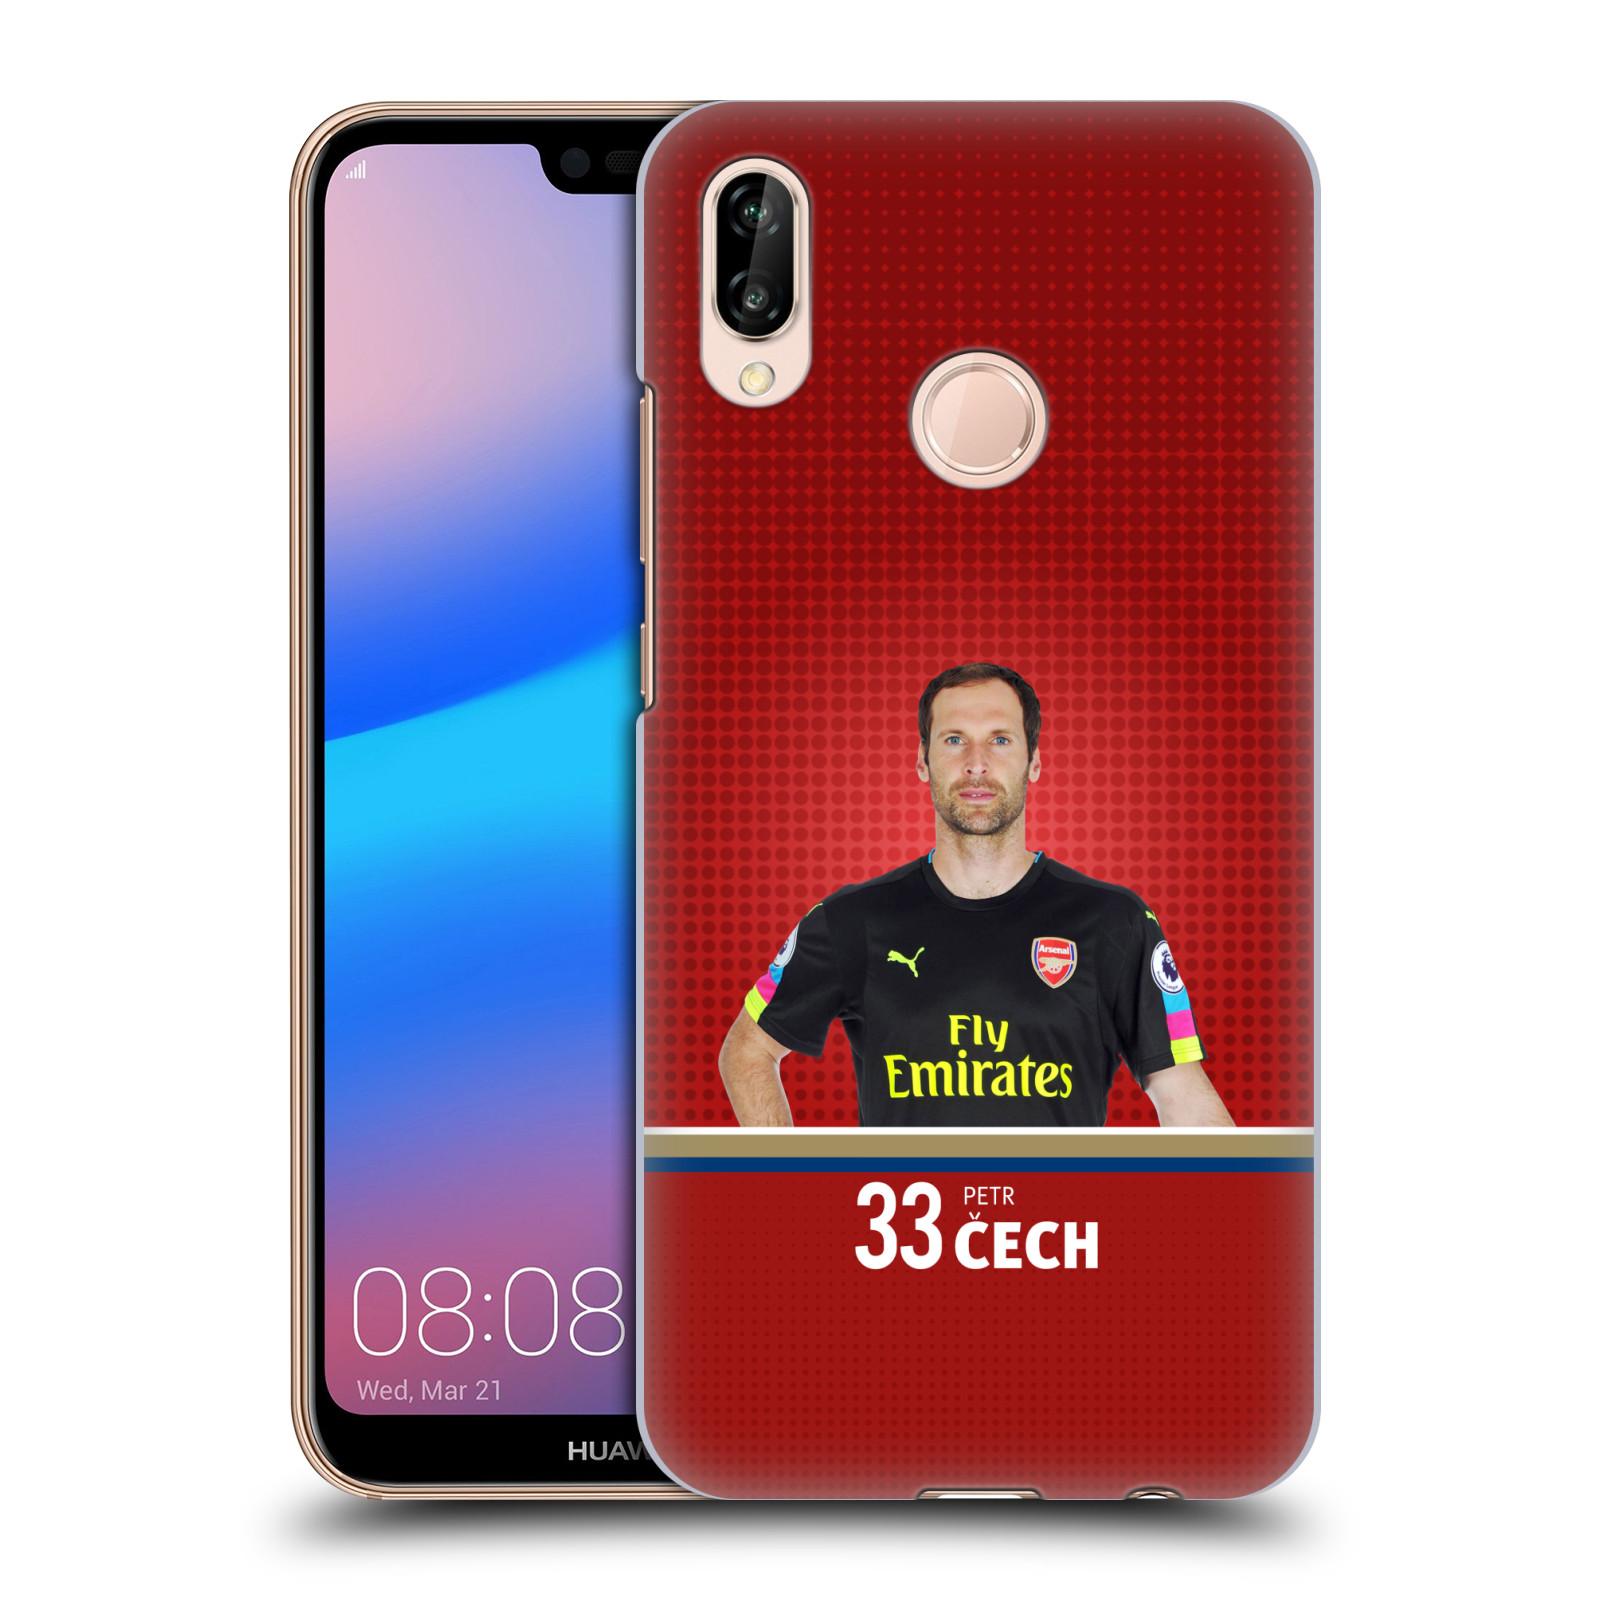 Plastové pouzdro na mobil Huawei P20 Lite - Head Case - Arsenal FC - Petr Čech